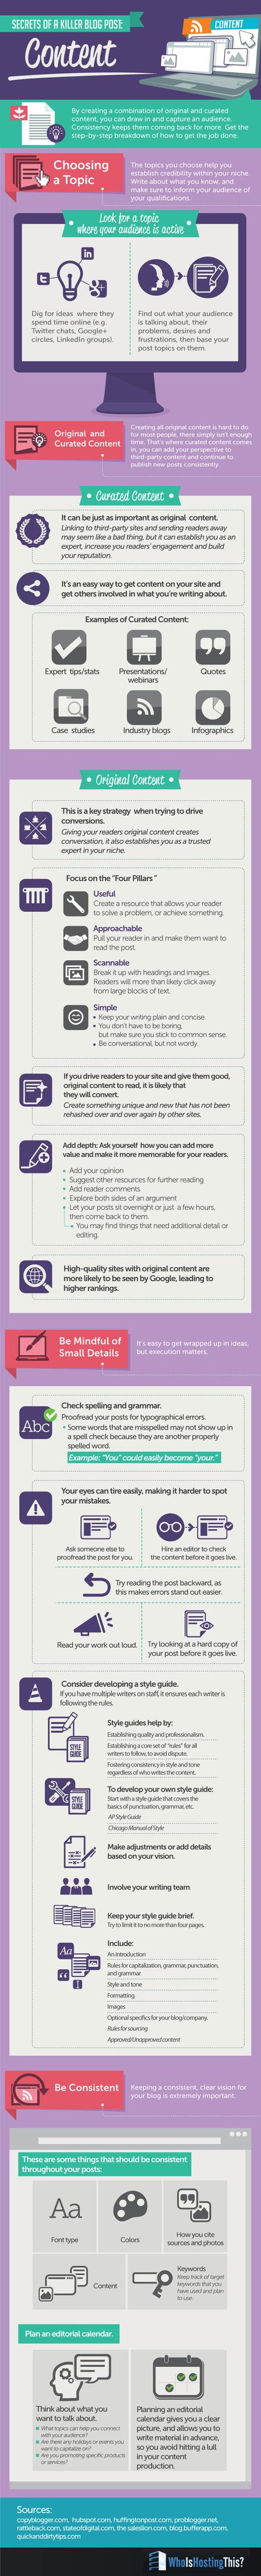 Secrets of a Killer Blog Post: Content [Infographic] | Social Media | Scoop.it